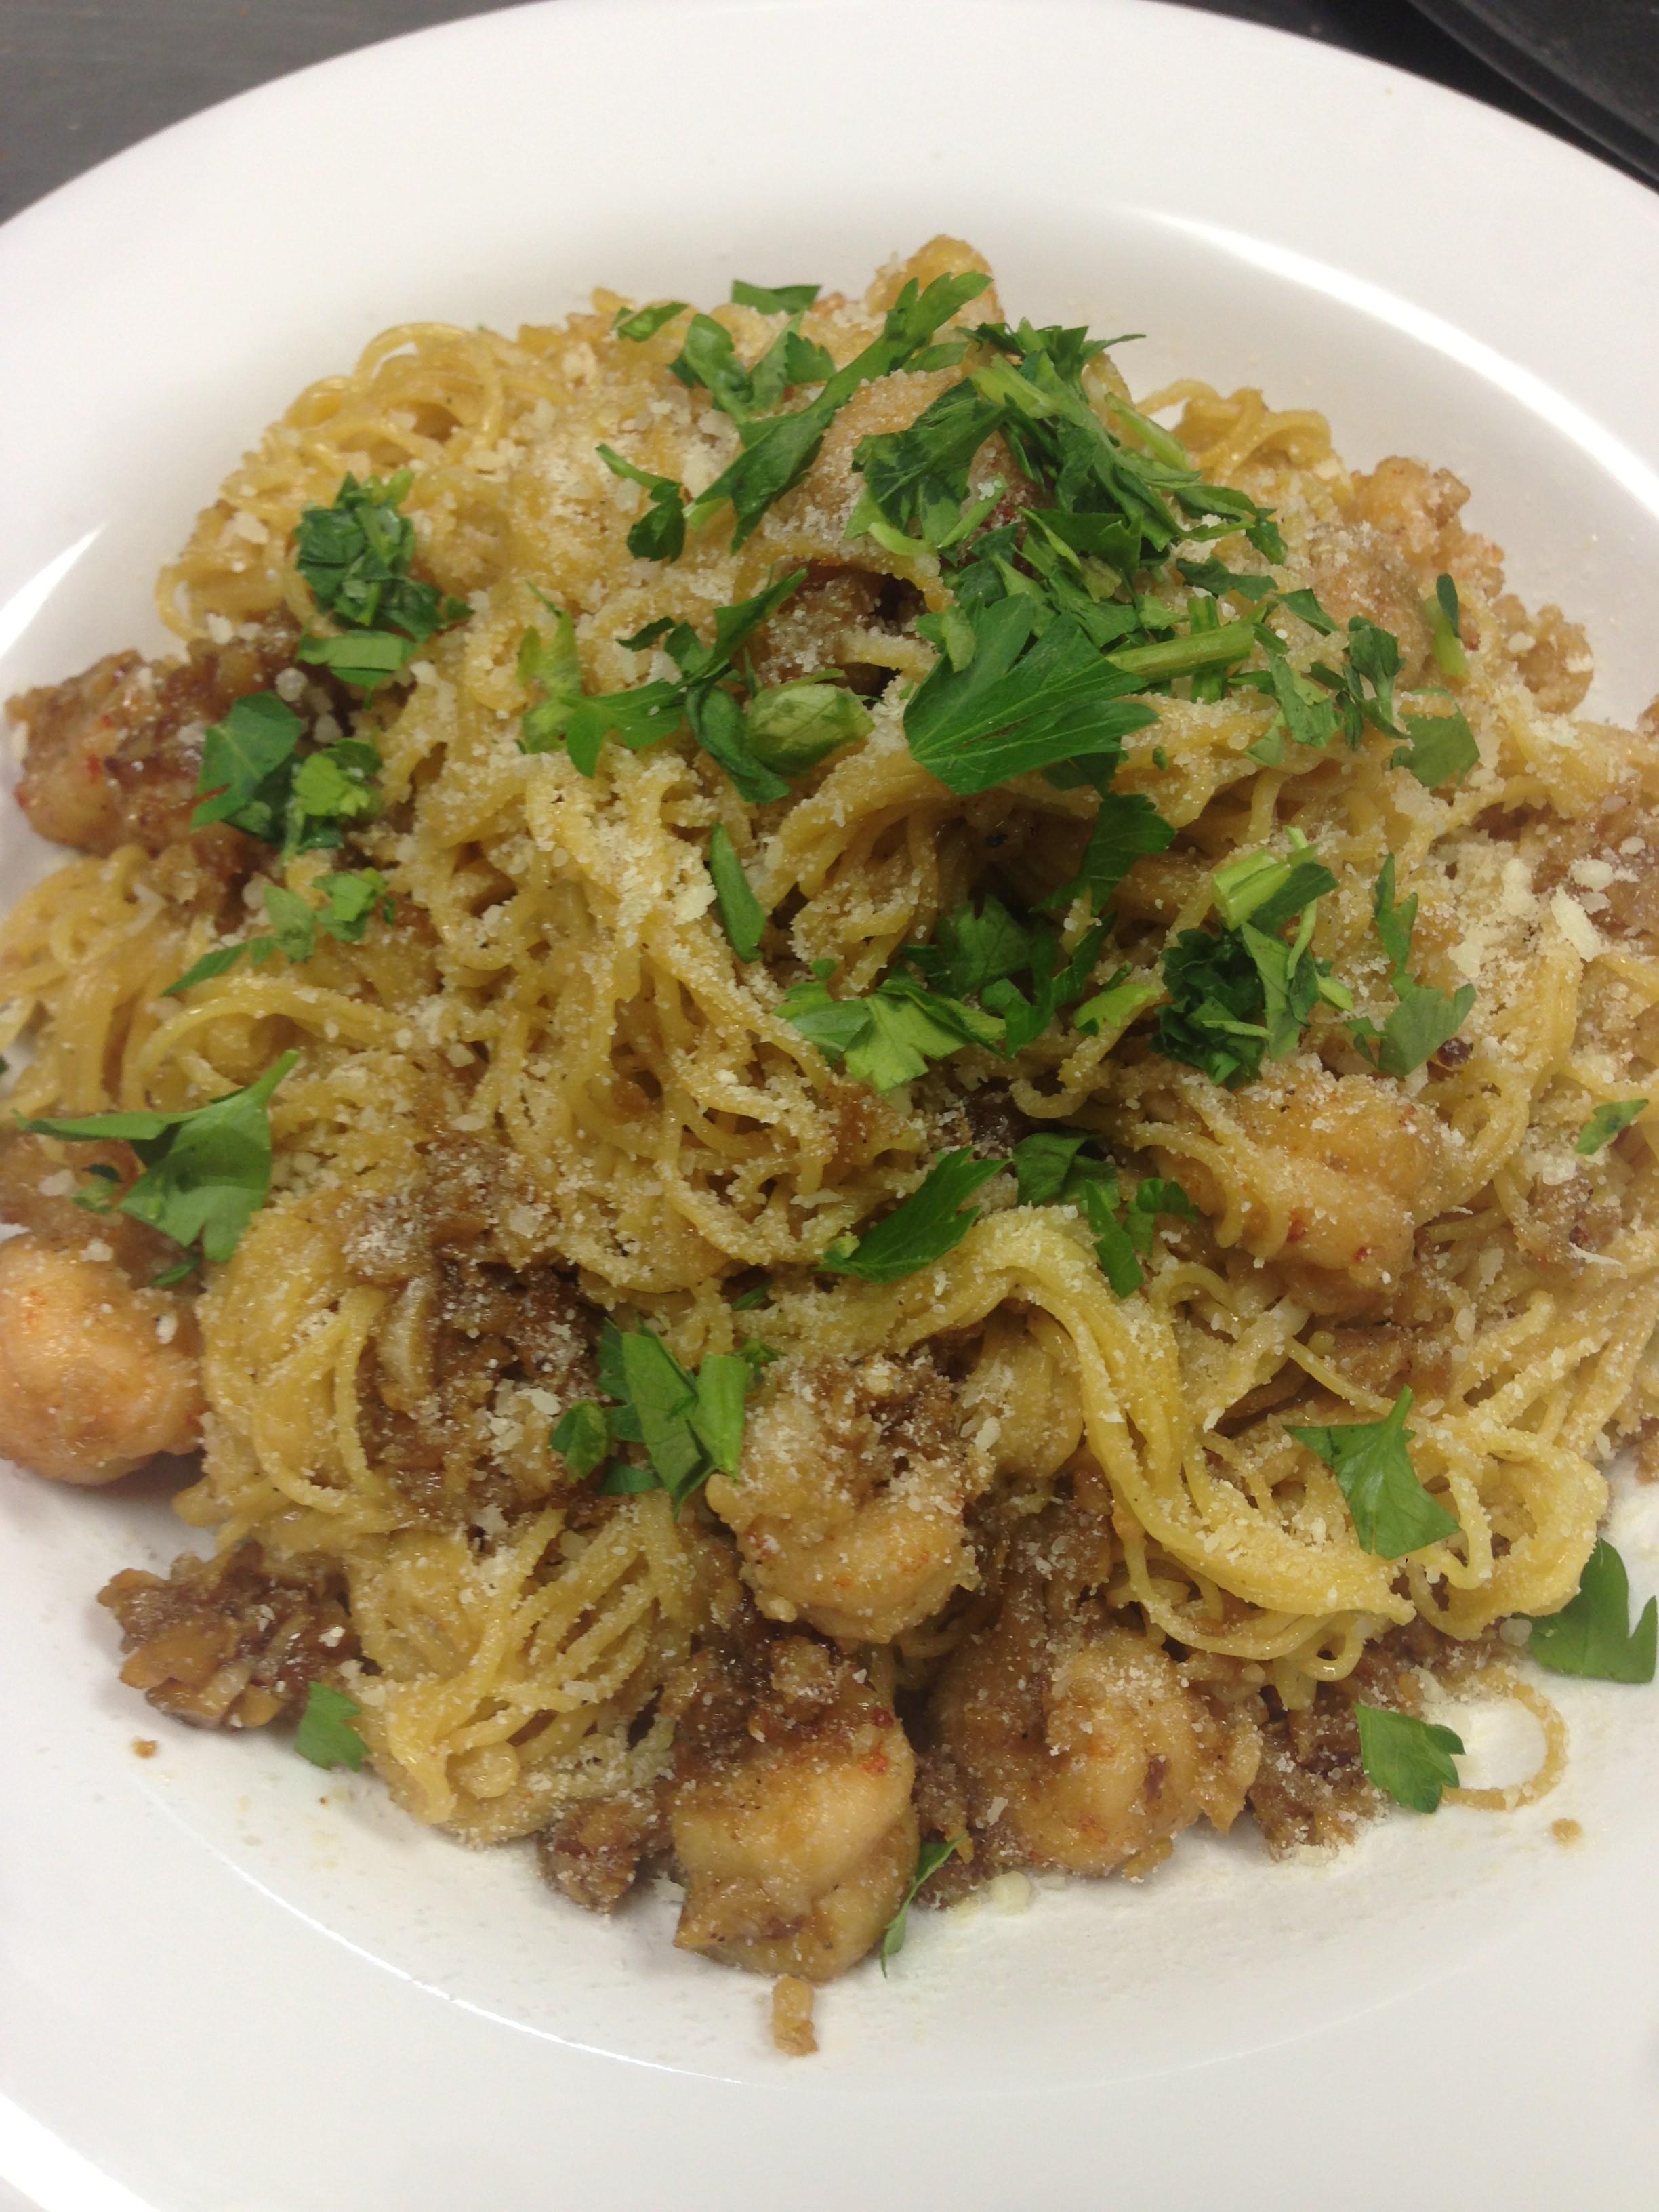 Crawfish Garlic Noodles at Crawfish Cafe